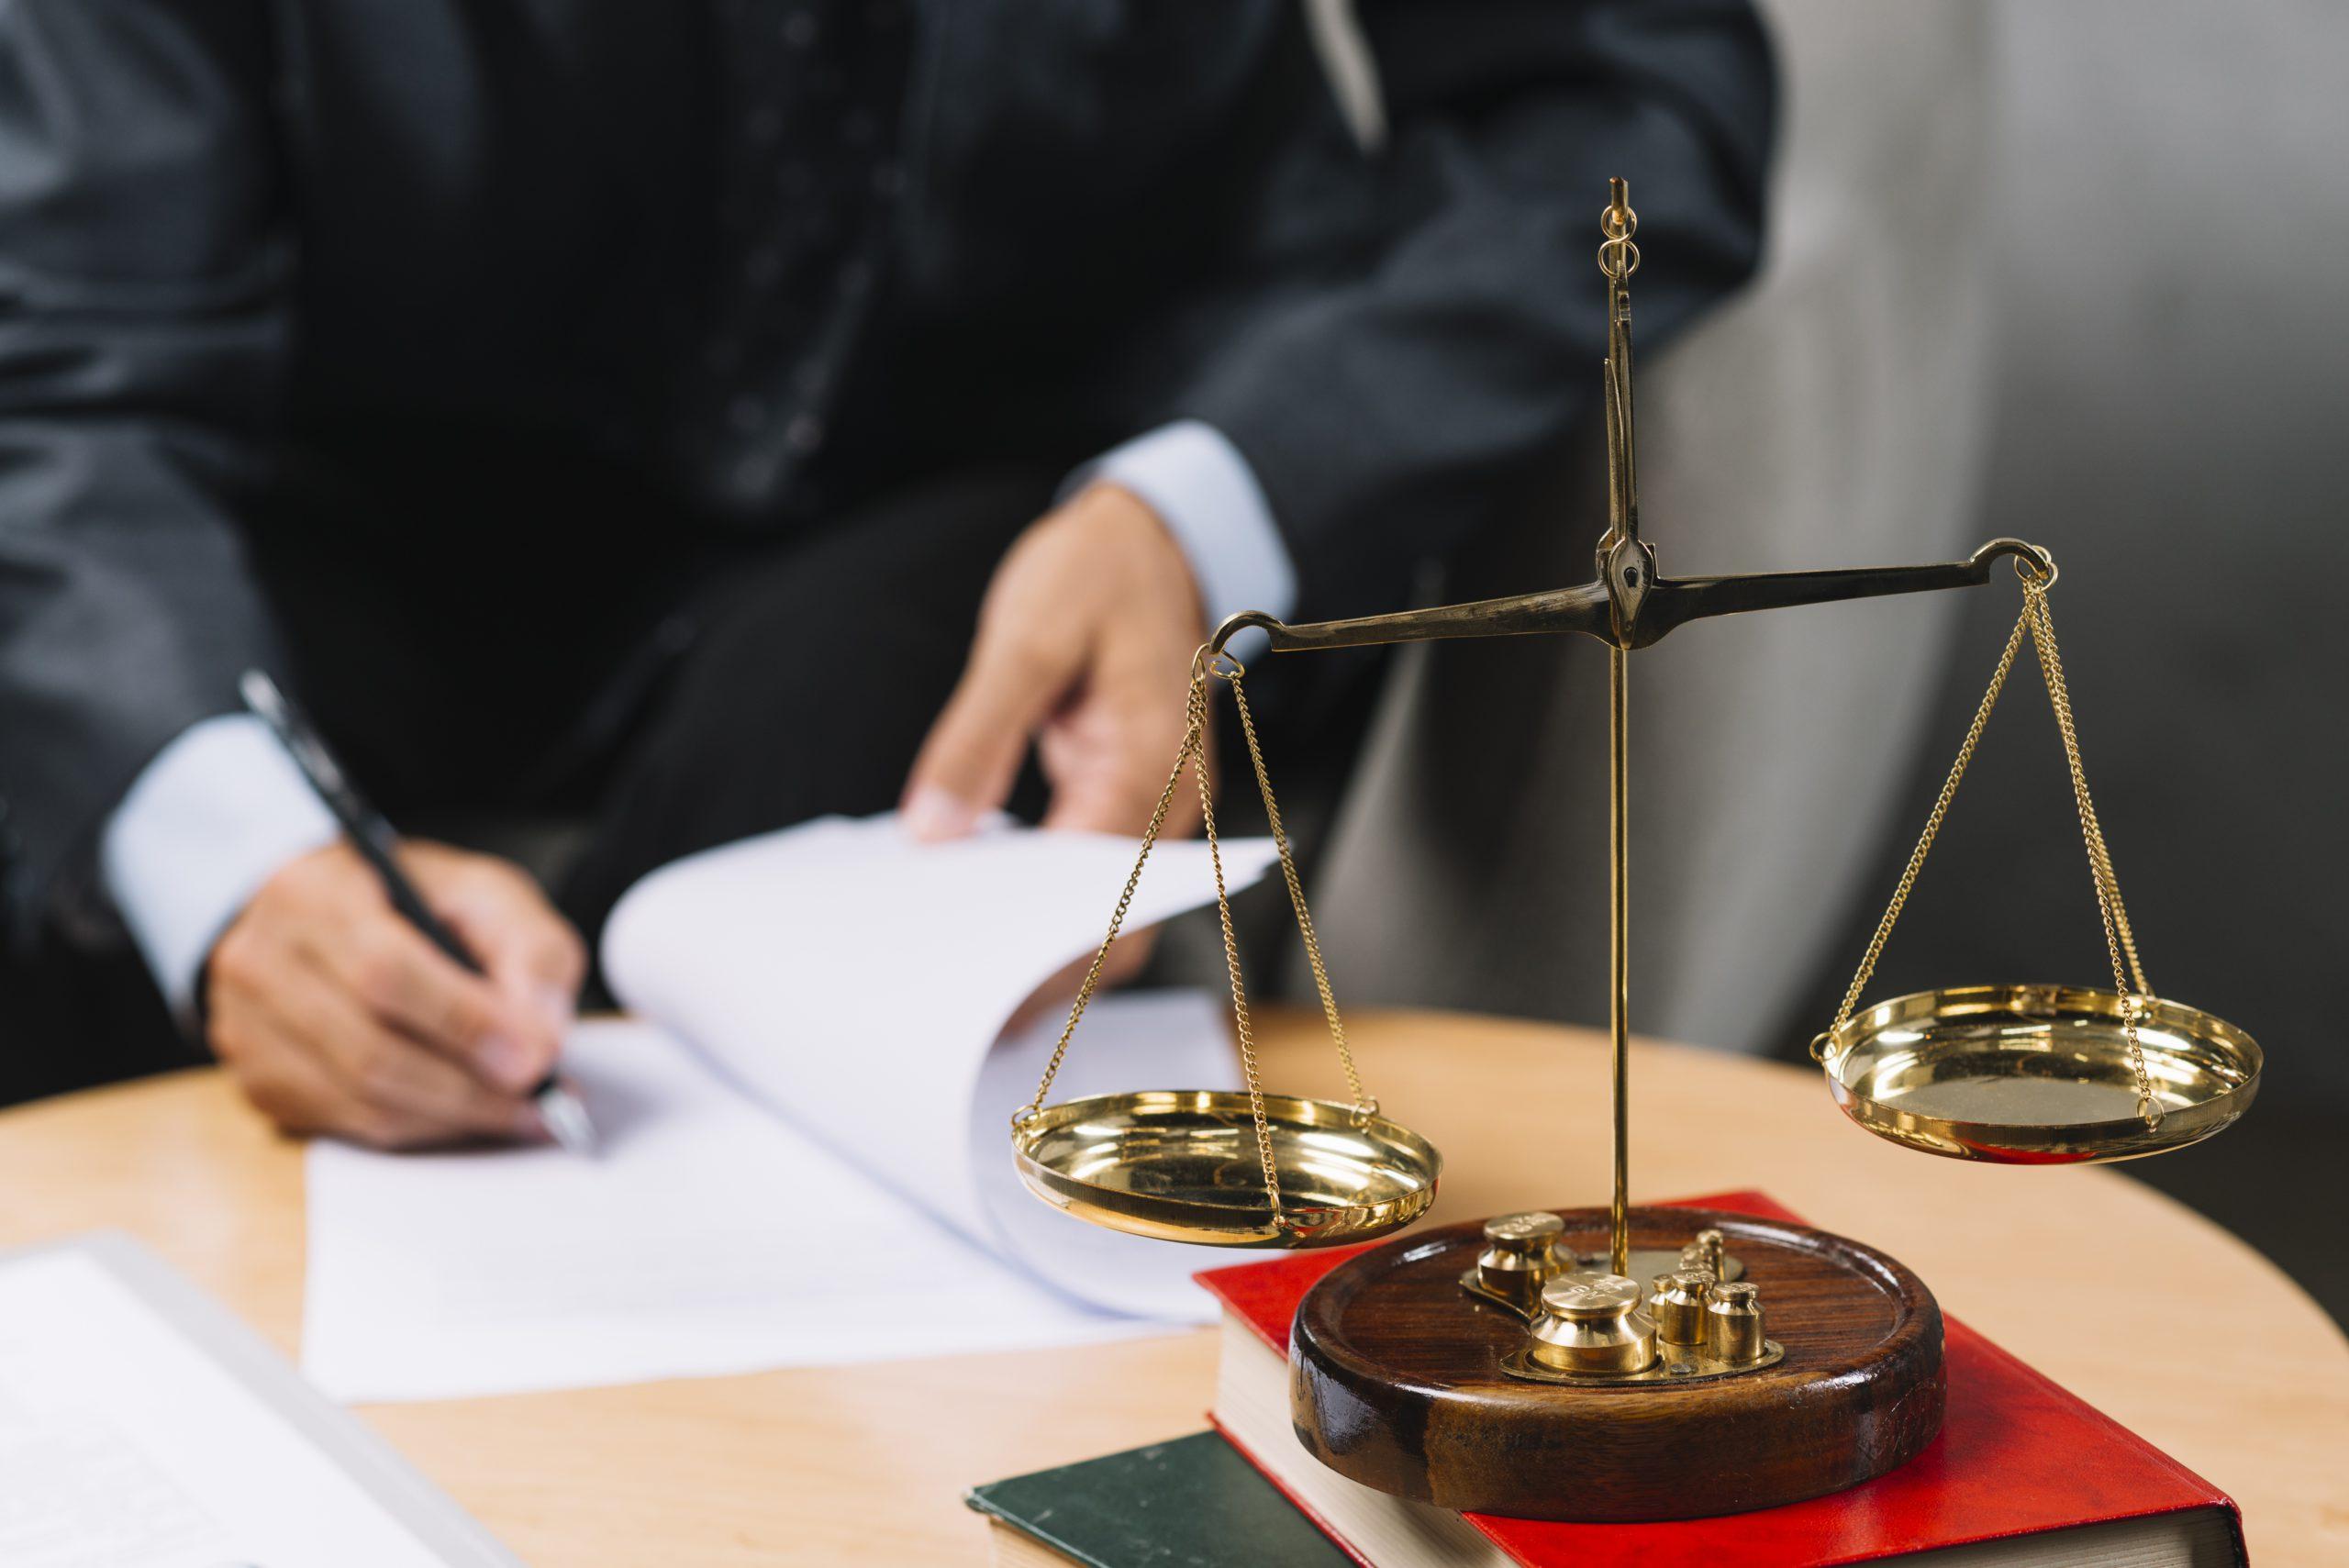 Justiça desobriga servidor a devolver valores do adicional de insalubridade à SES